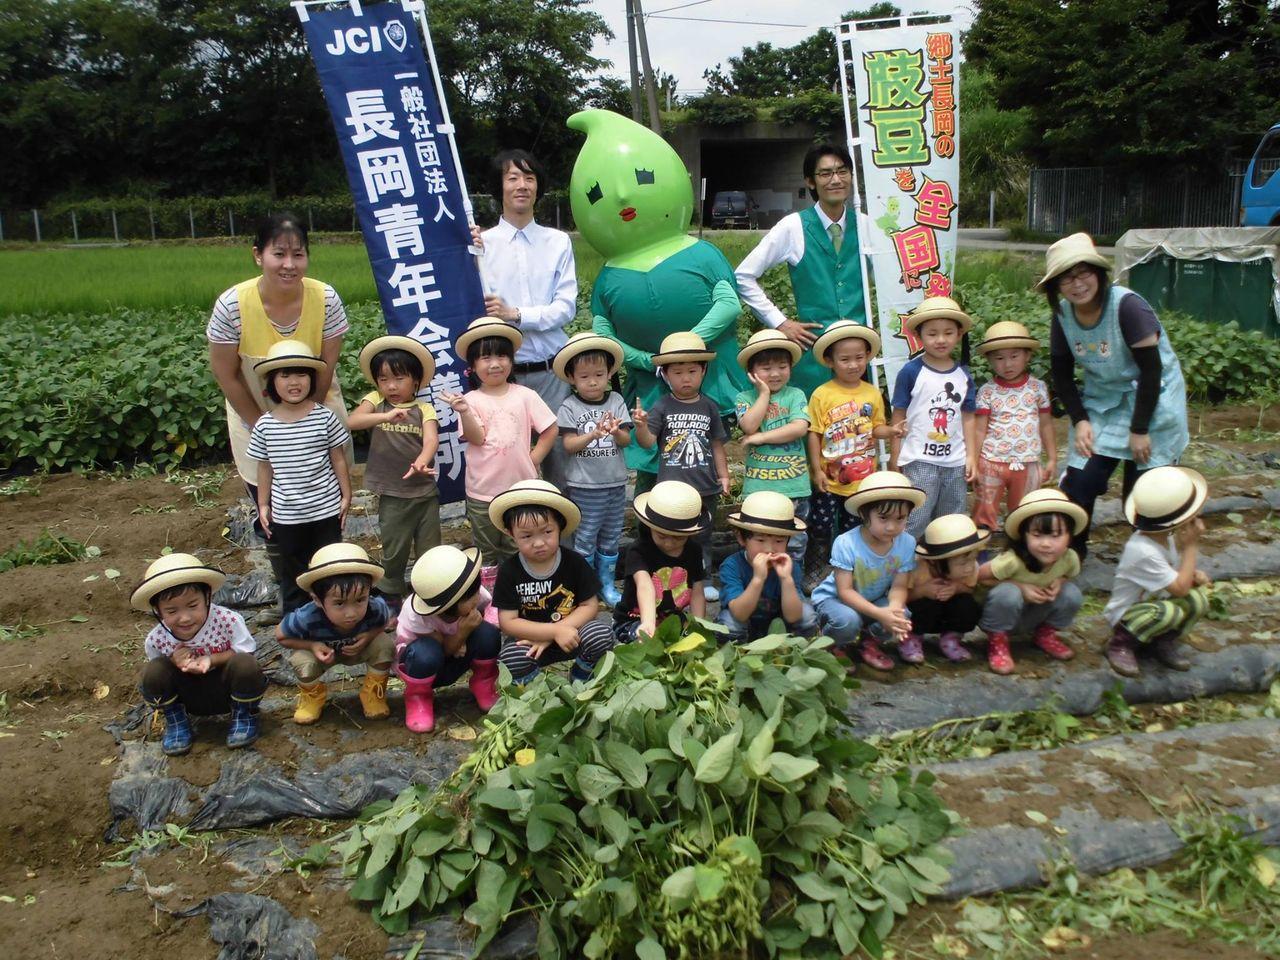 幼稚園や保育園の園児と一緒にえだまめの収穫も行った。